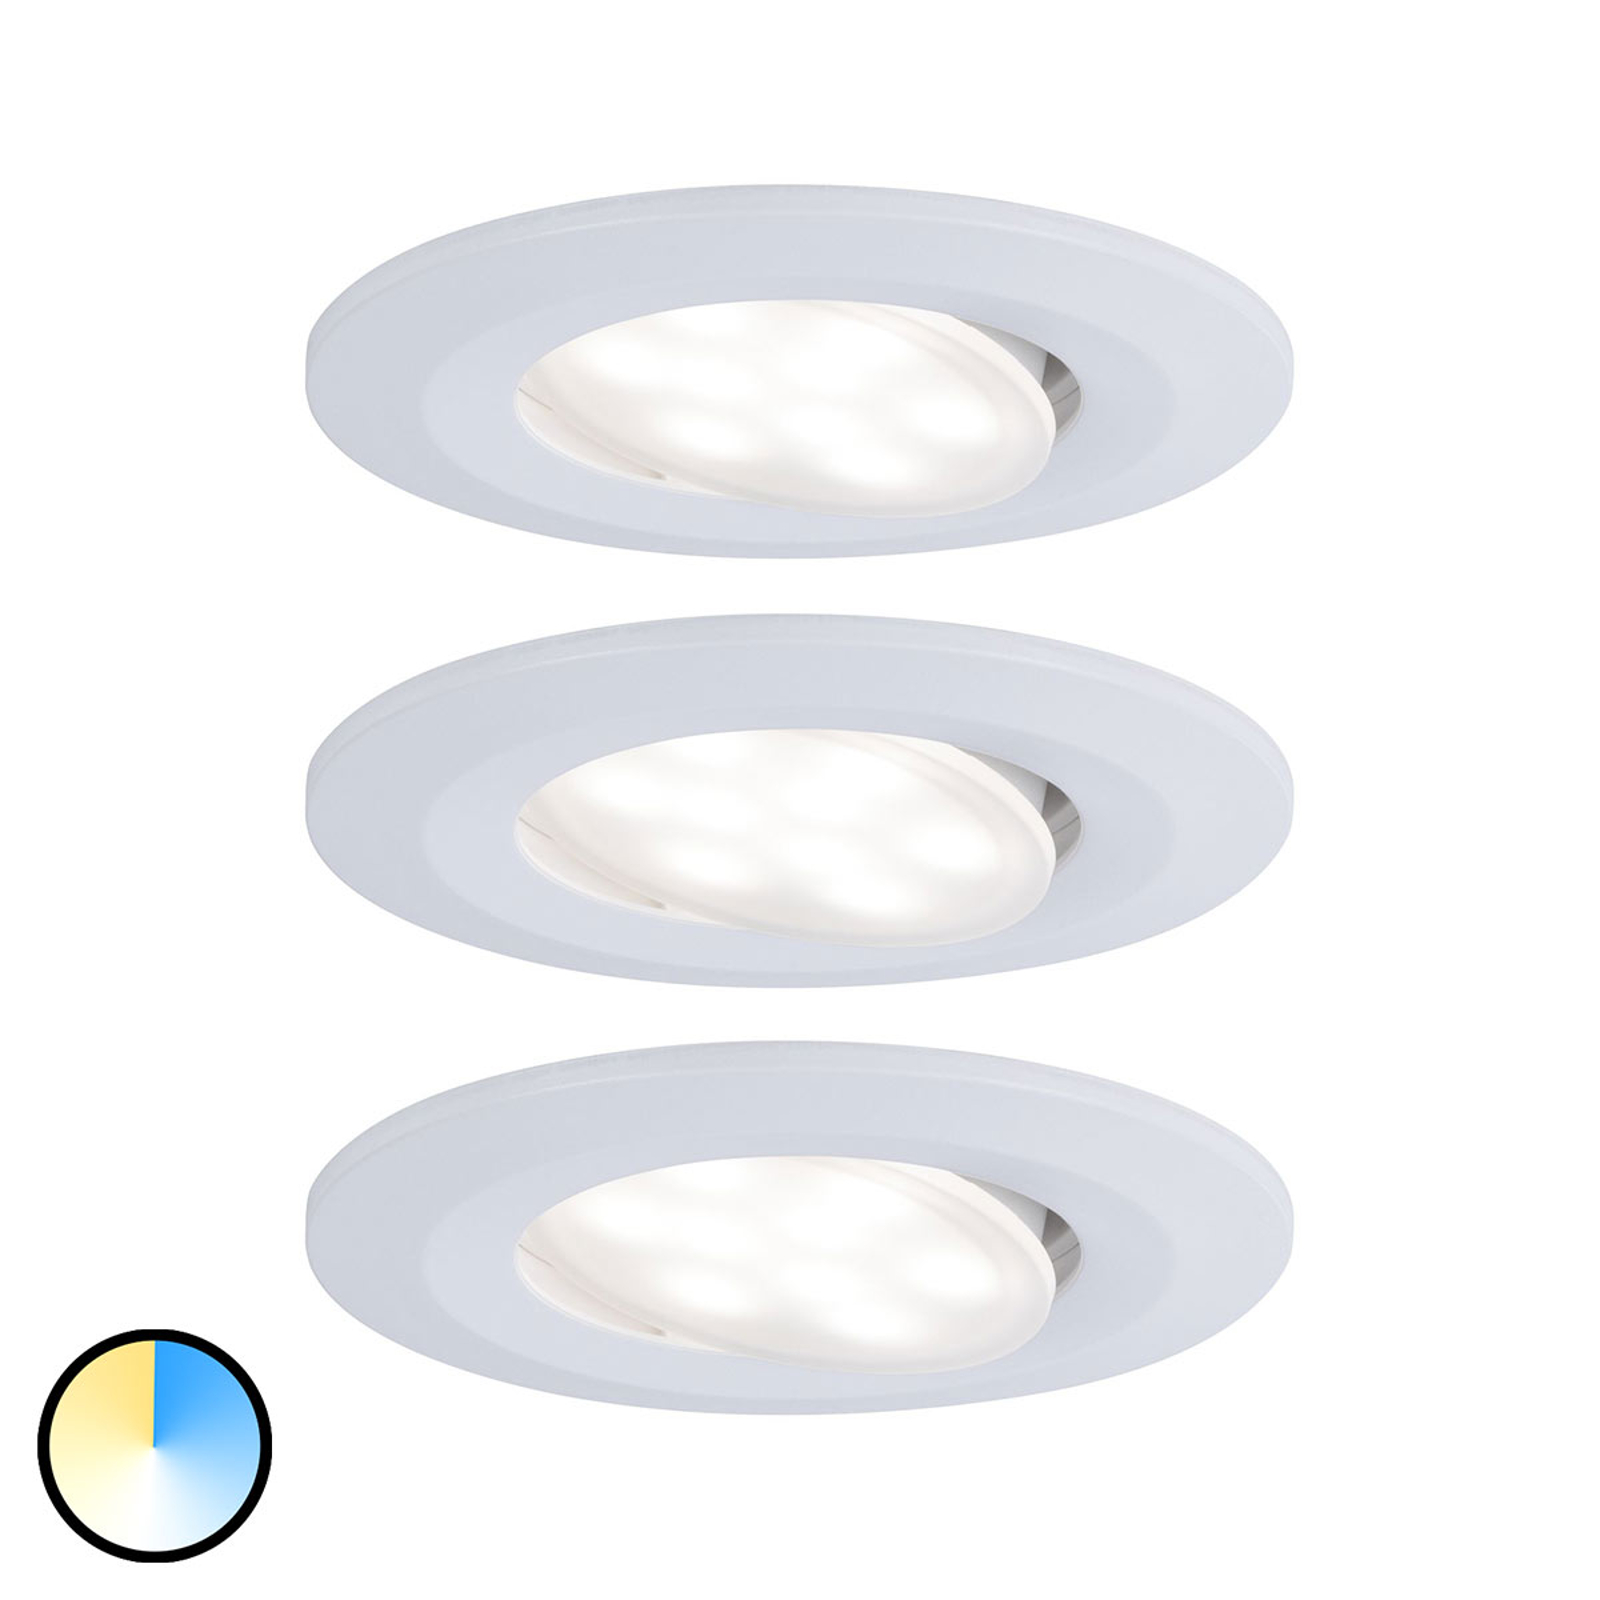 Paulmann LED-spot Calla hvid farveskift, 3 stk